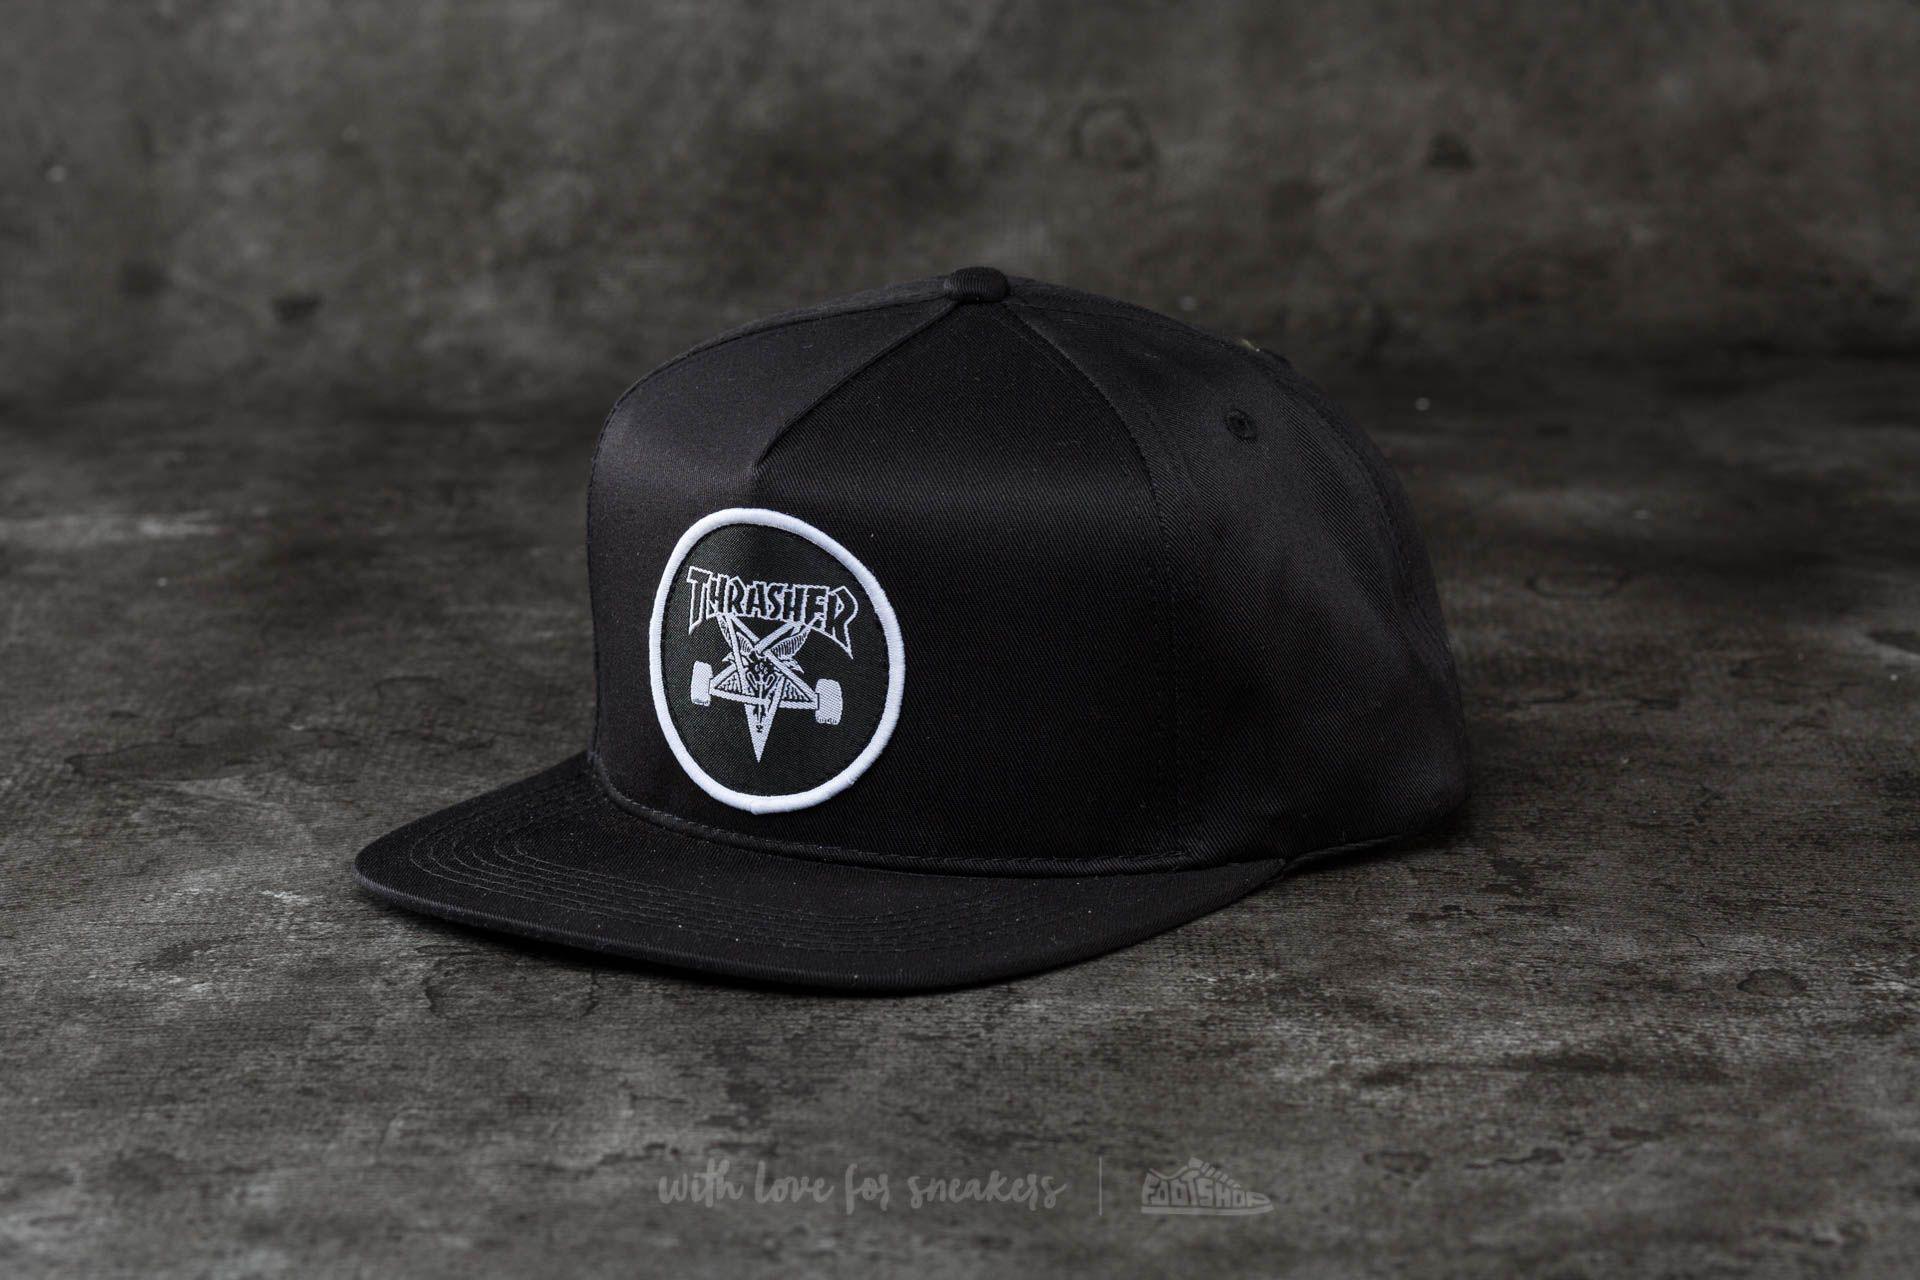 61268660dab Thrasher Skategoat Snapback Black